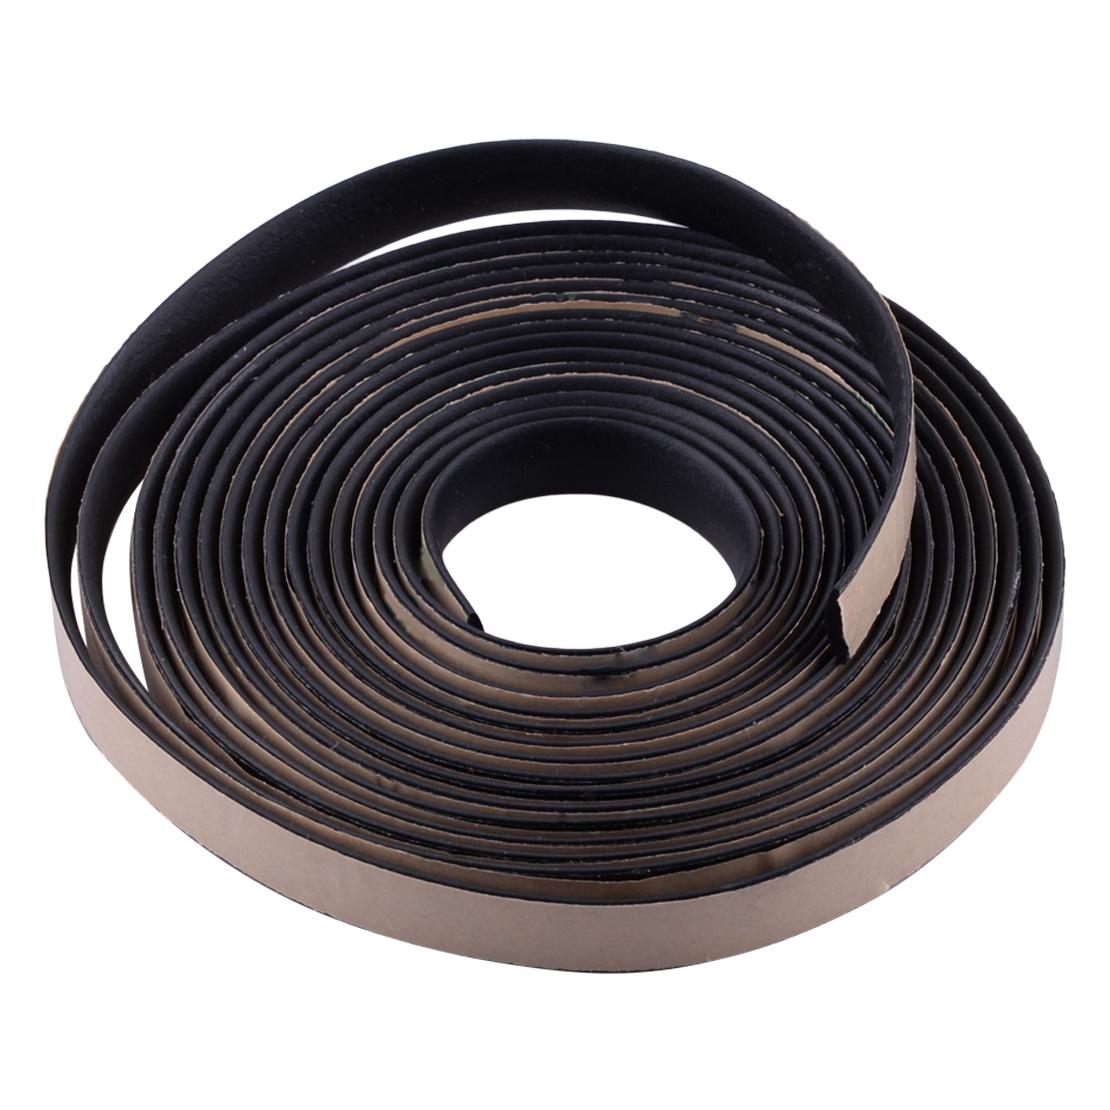 [해외]DWCX 자동차 블랙 5M EPDM 고무 및 스티커 방수 씰링 스트립 트림은 자동차 앞 유리 썬 루프 삼각 창에 적합/DWCX Car Black 5M EPDM Rubber and Sticker Waterproof Sealed Strip Trim Fit for C